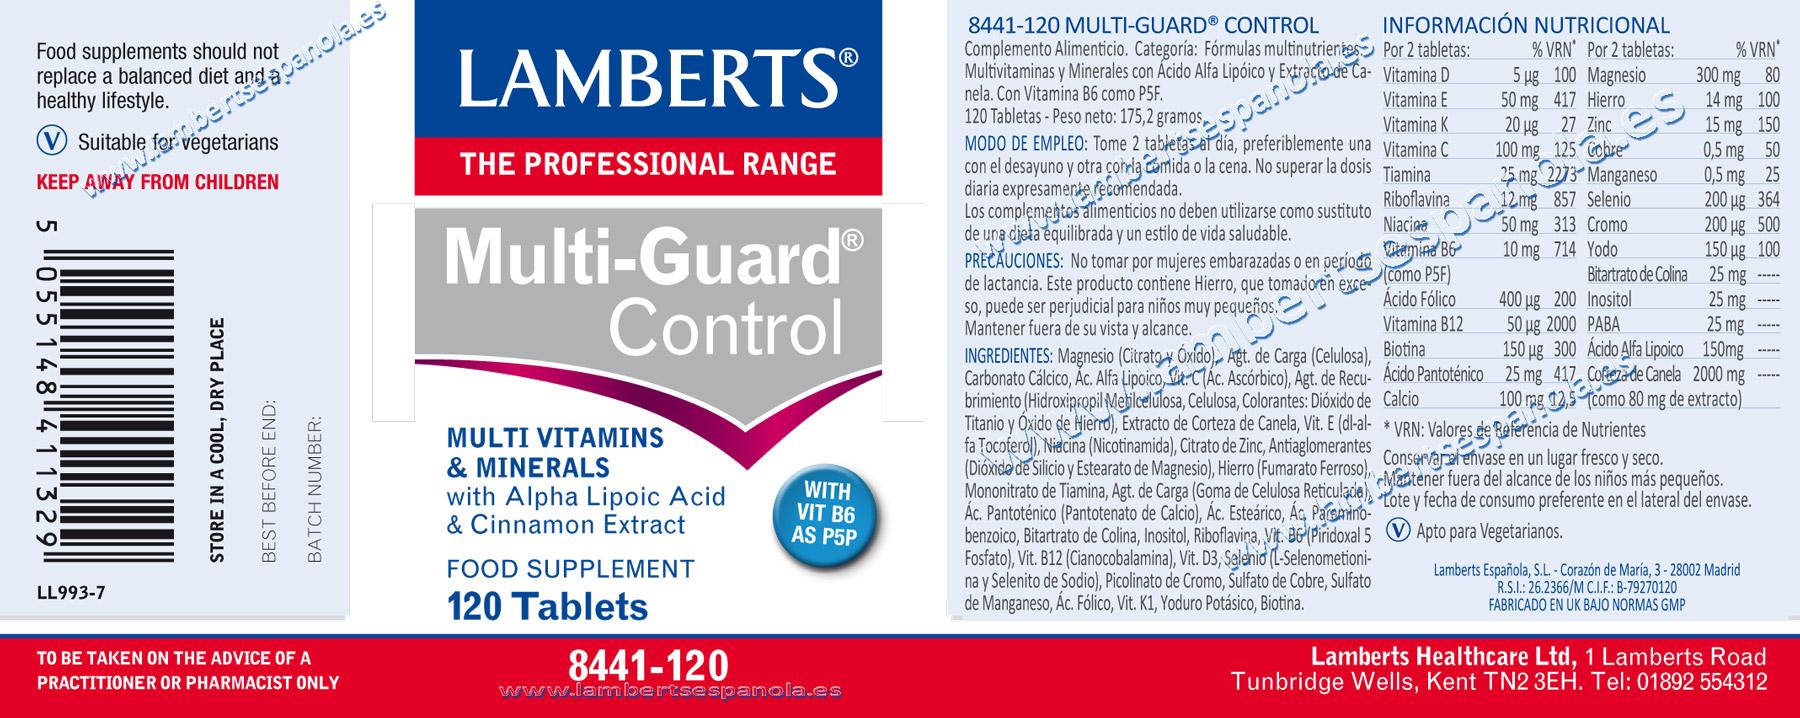 Multiguard-control